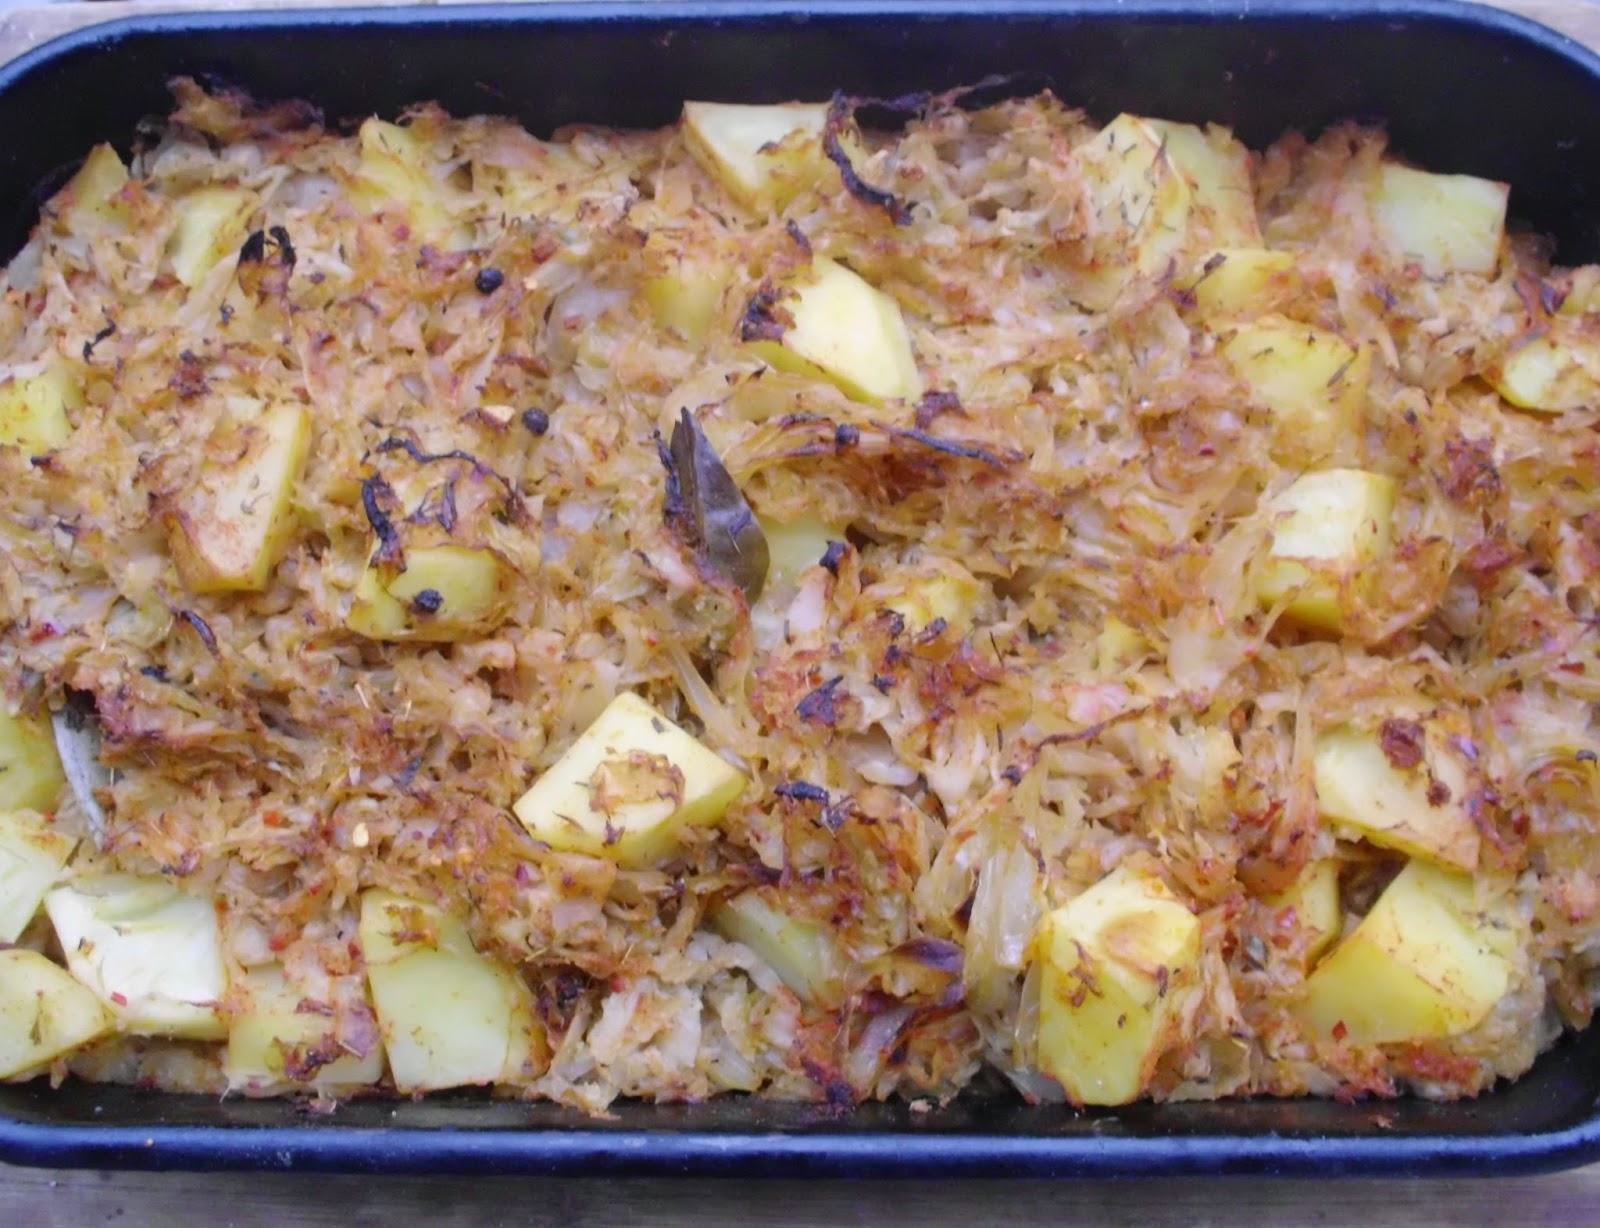 Vegan oven baked sauerkraut